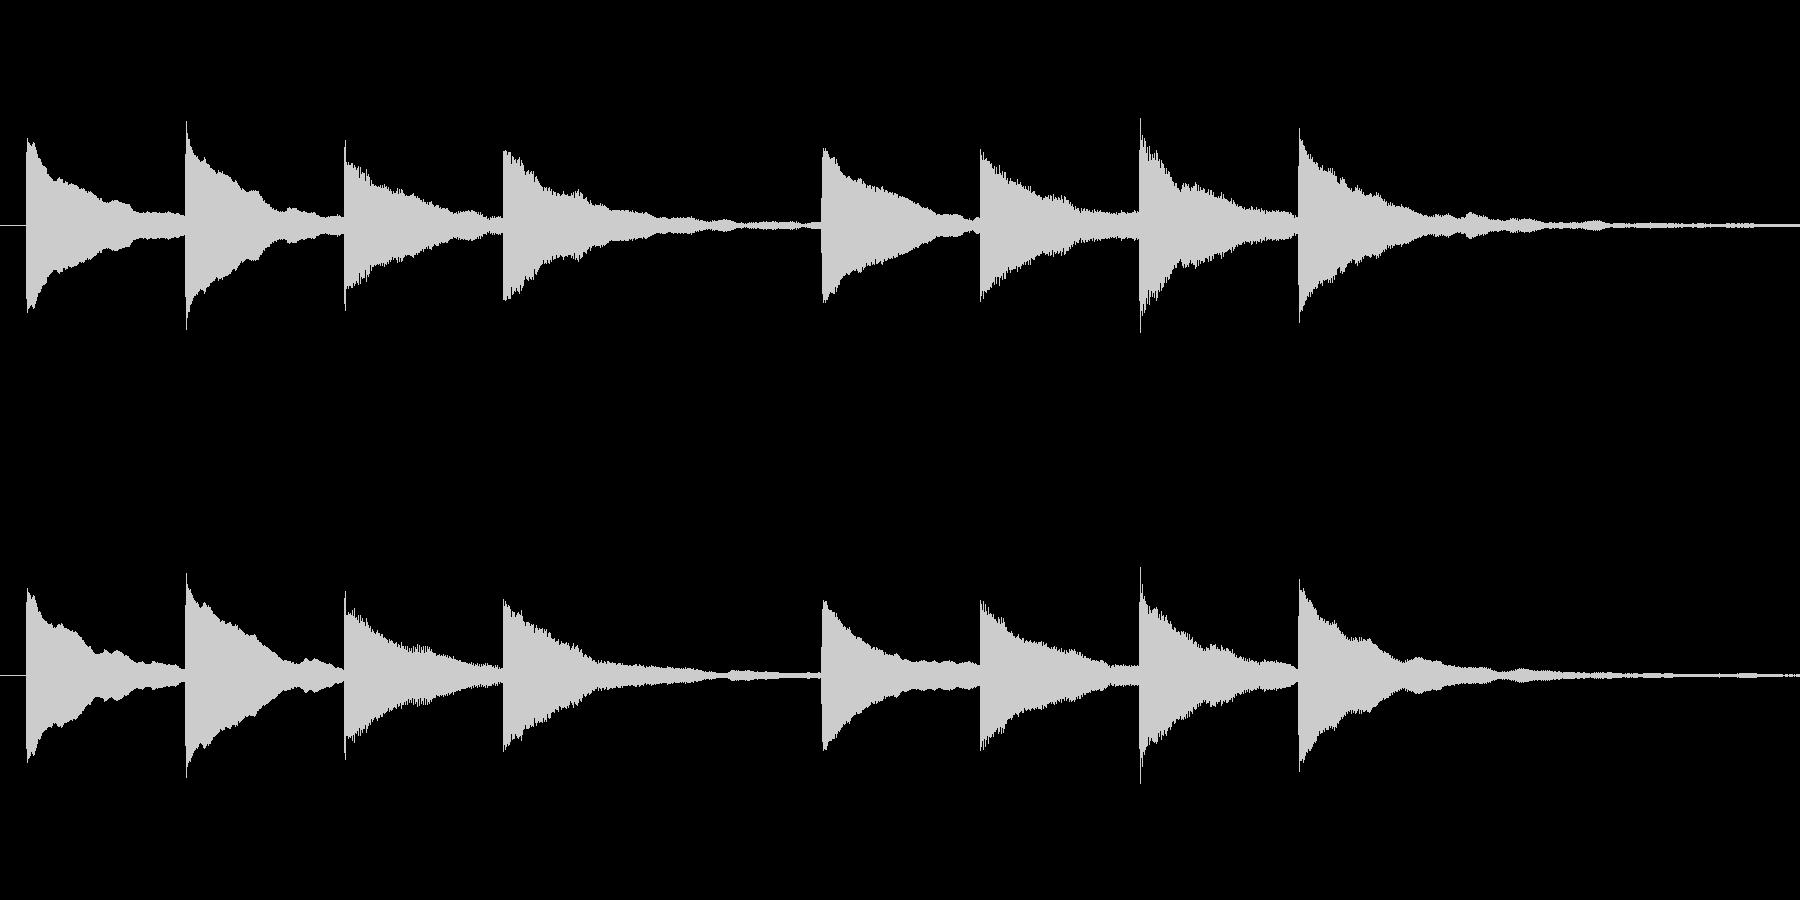 キンコンカンコン 学校チャイムの未再生の波形